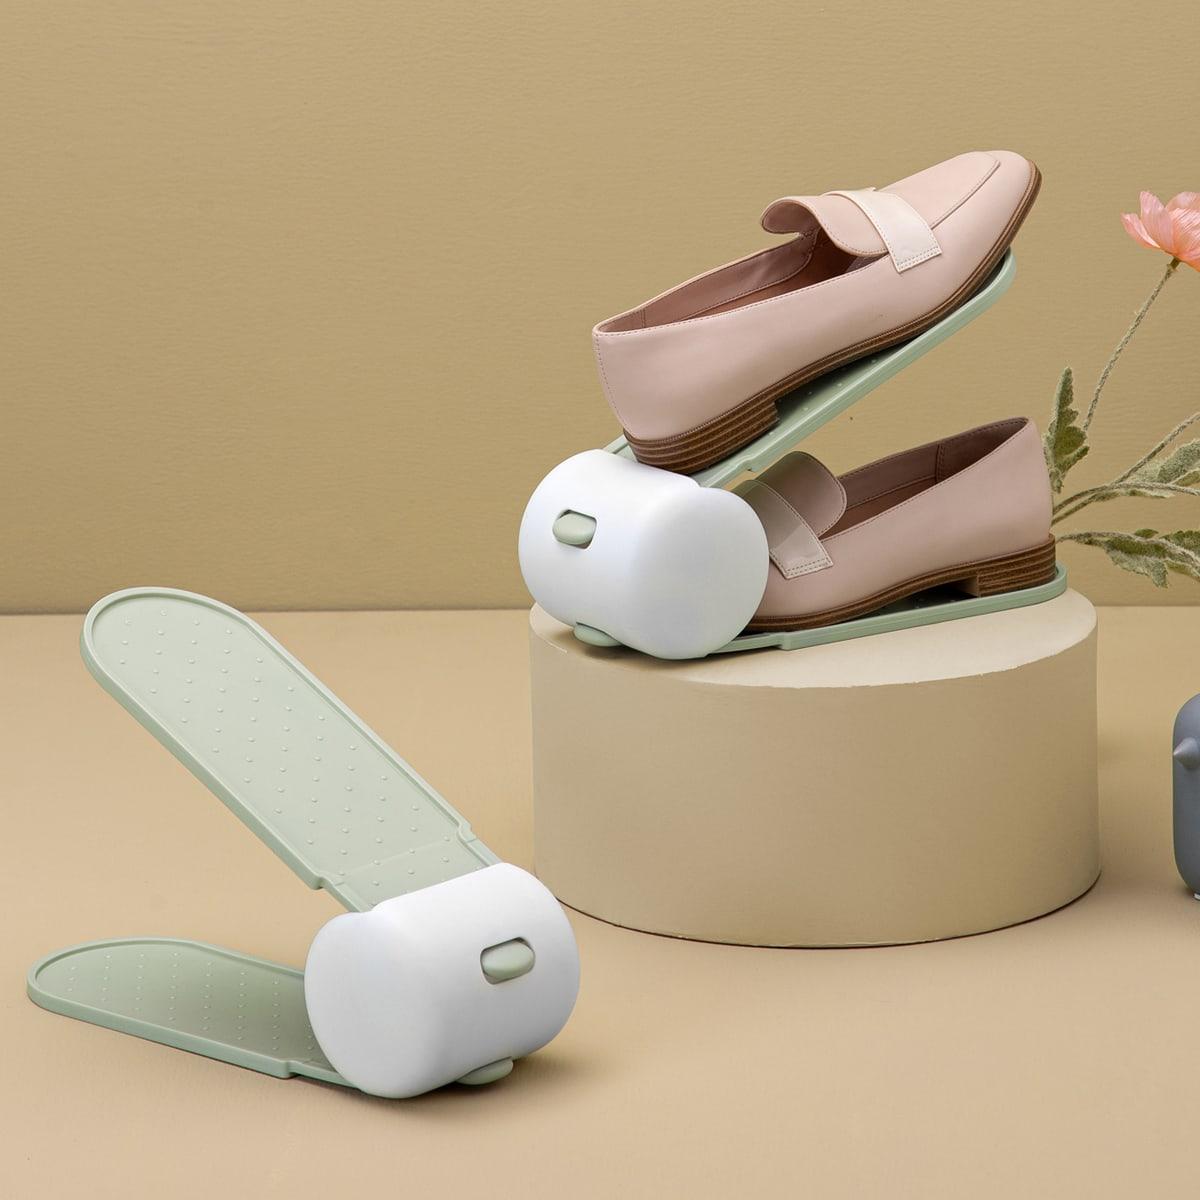 1шт двухслойный стеллаж для хранения обуви